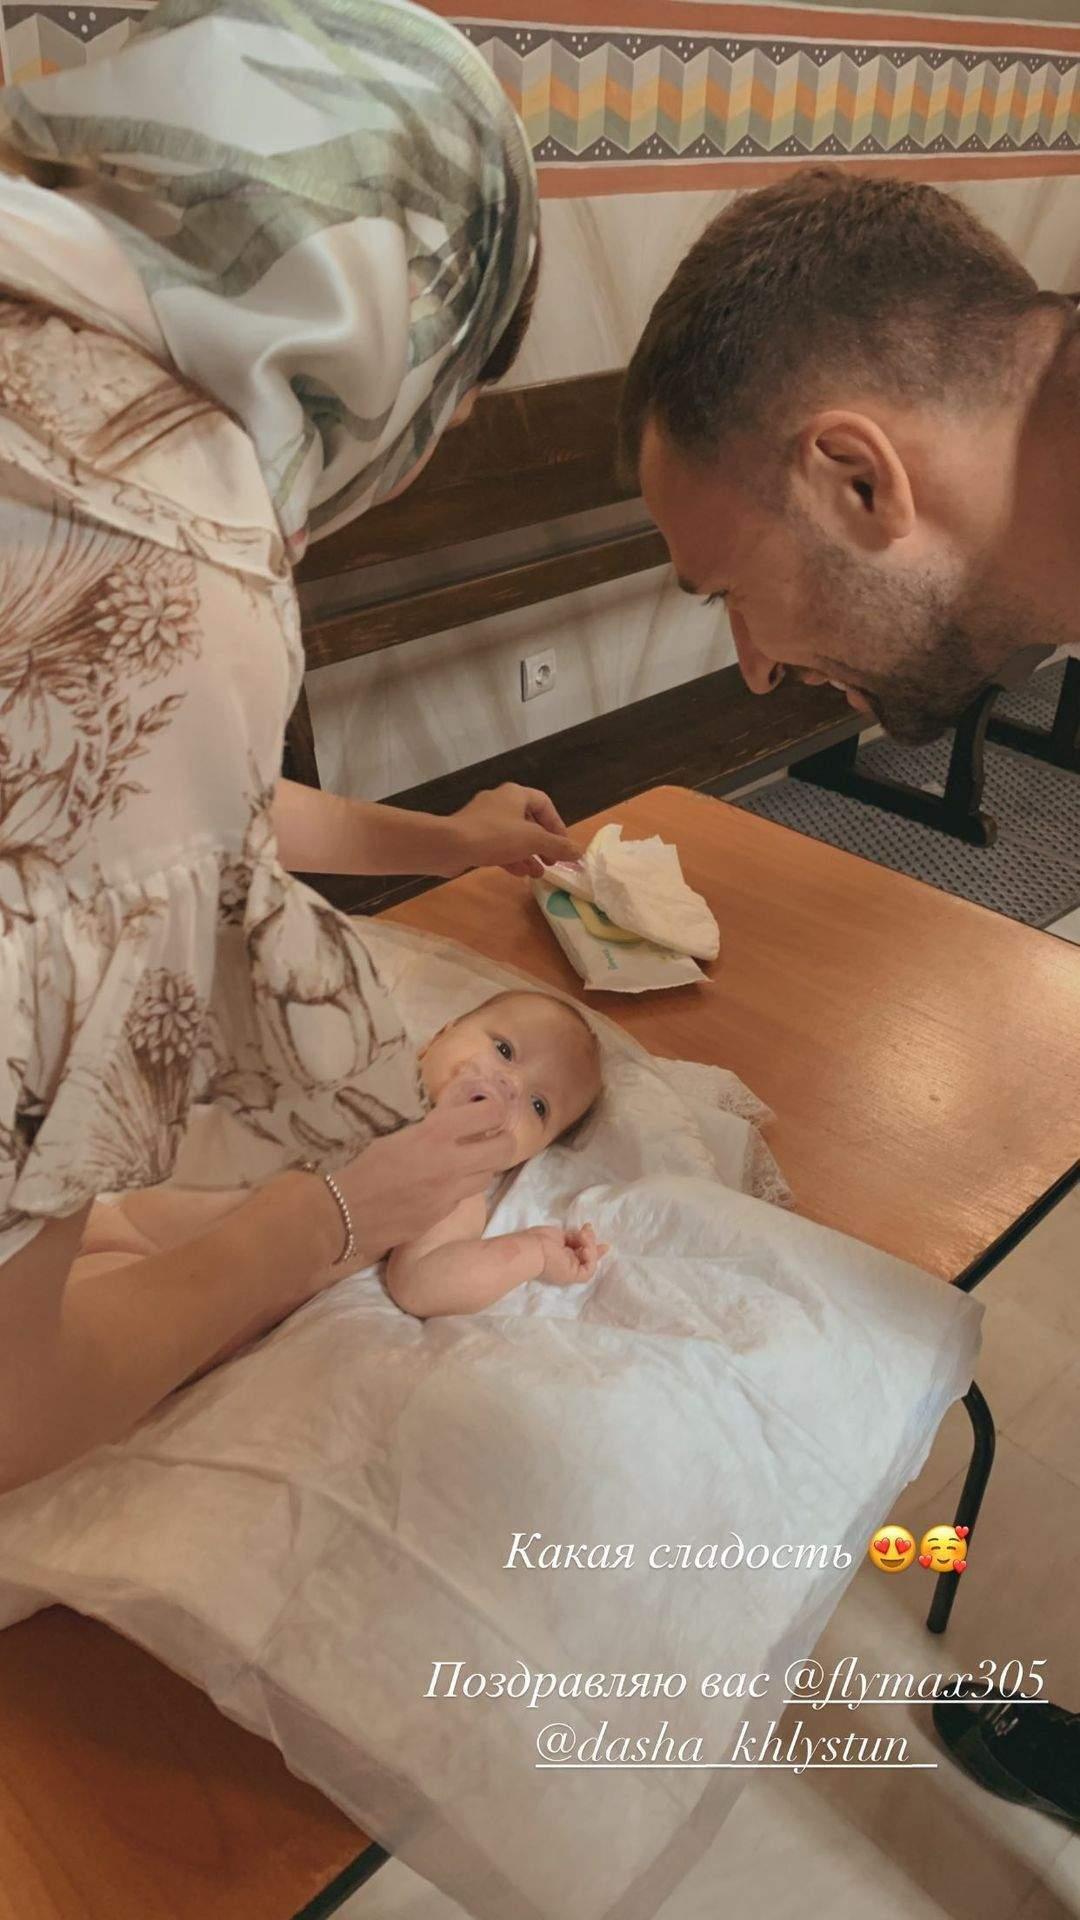 Макс Михайлюк и Даша Хлыстун с дочерью